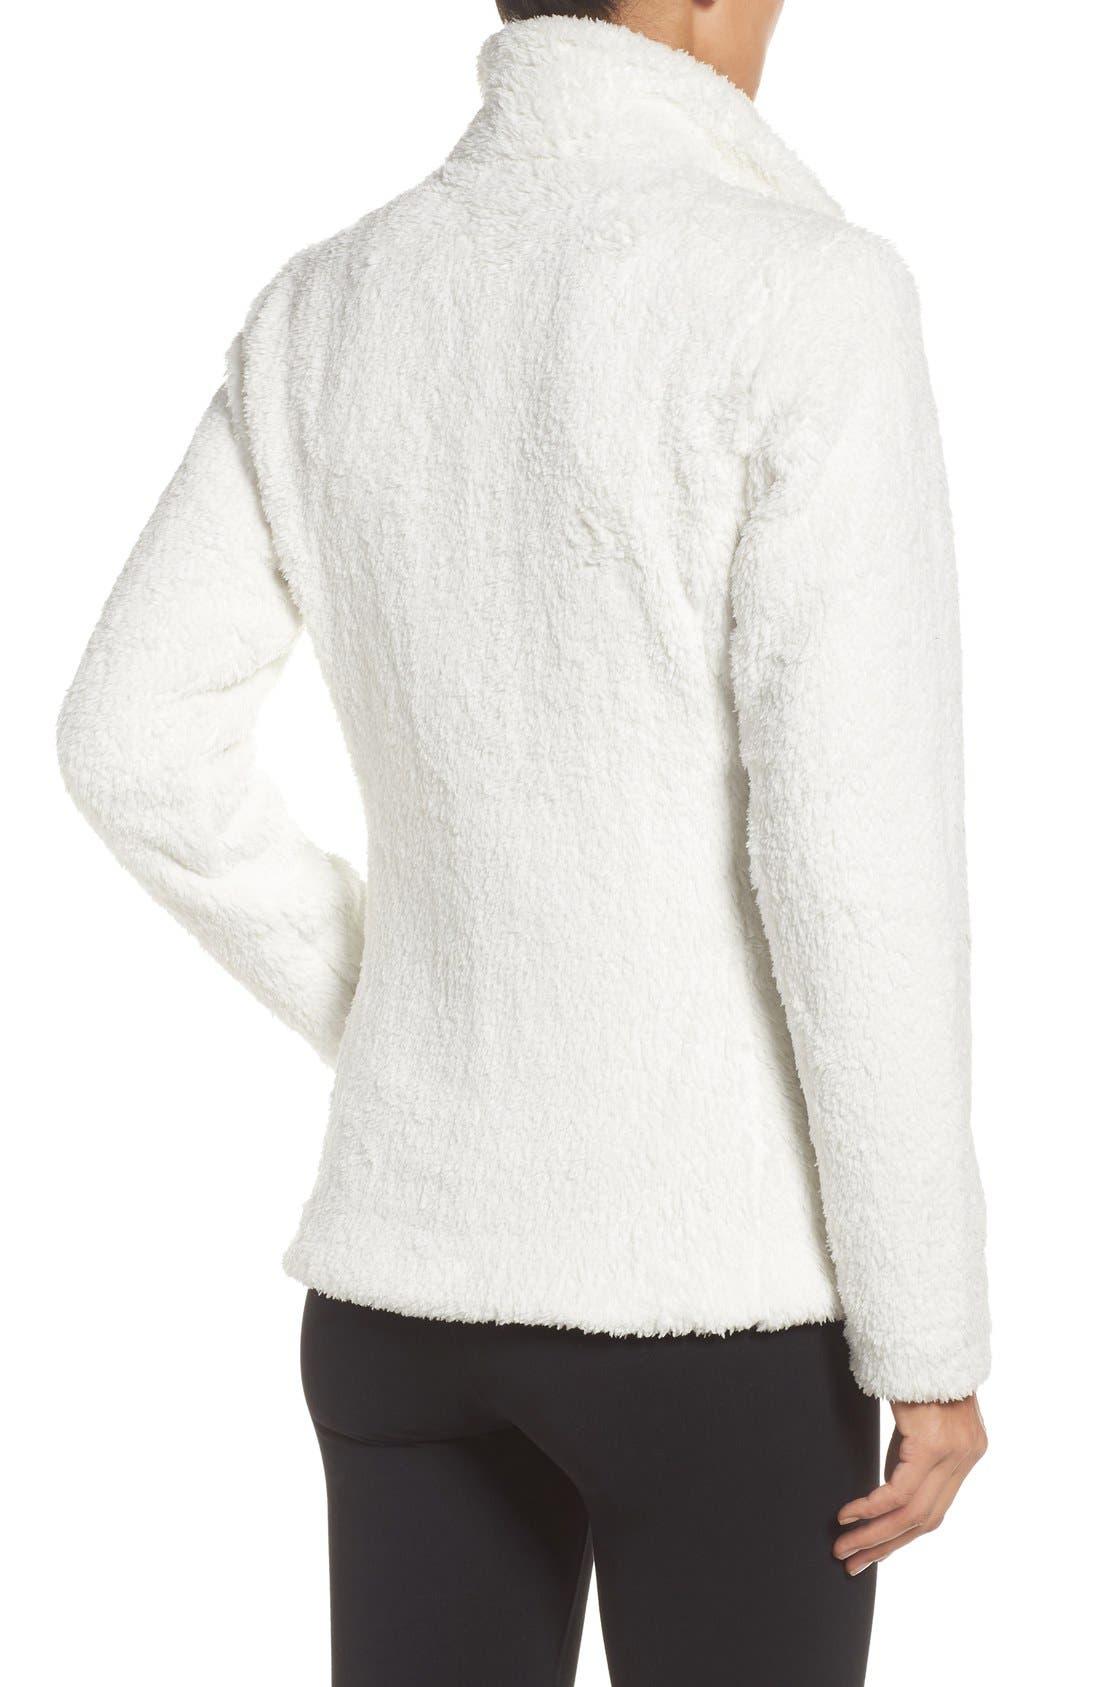 PATAGONIA, Los Gatos Fleece Jacket, Alternate thumbnail 5, color, BIRCH WHITE